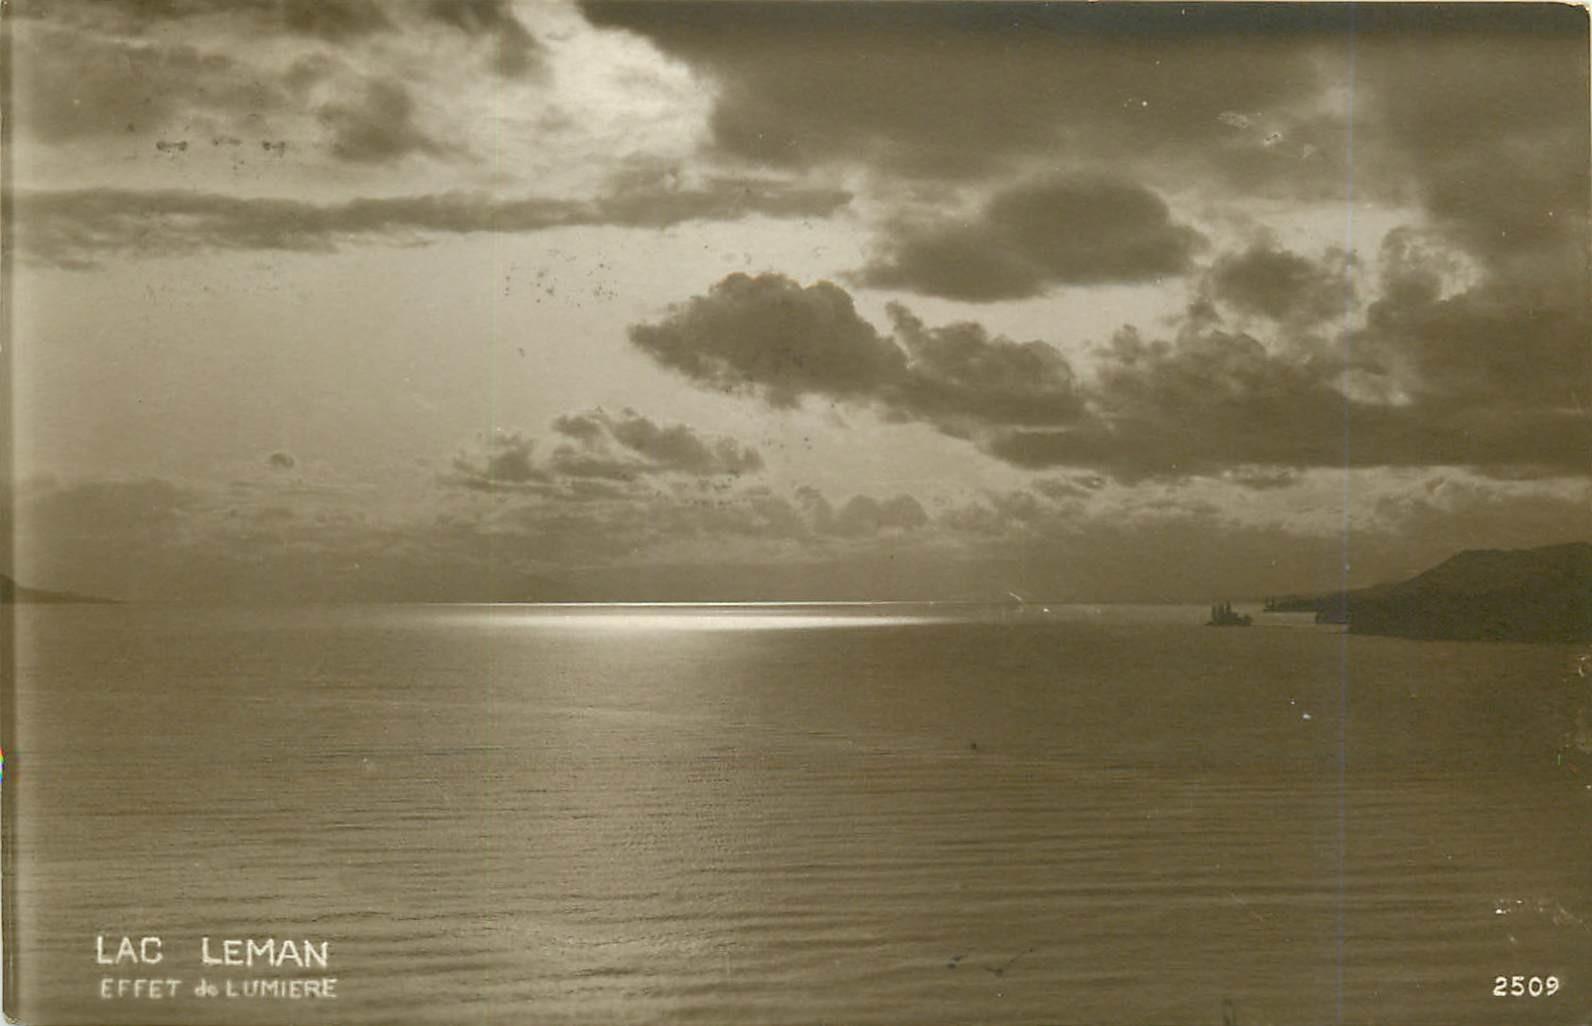 SUISSE. Effet de lumière sur le Lac Leman 1919